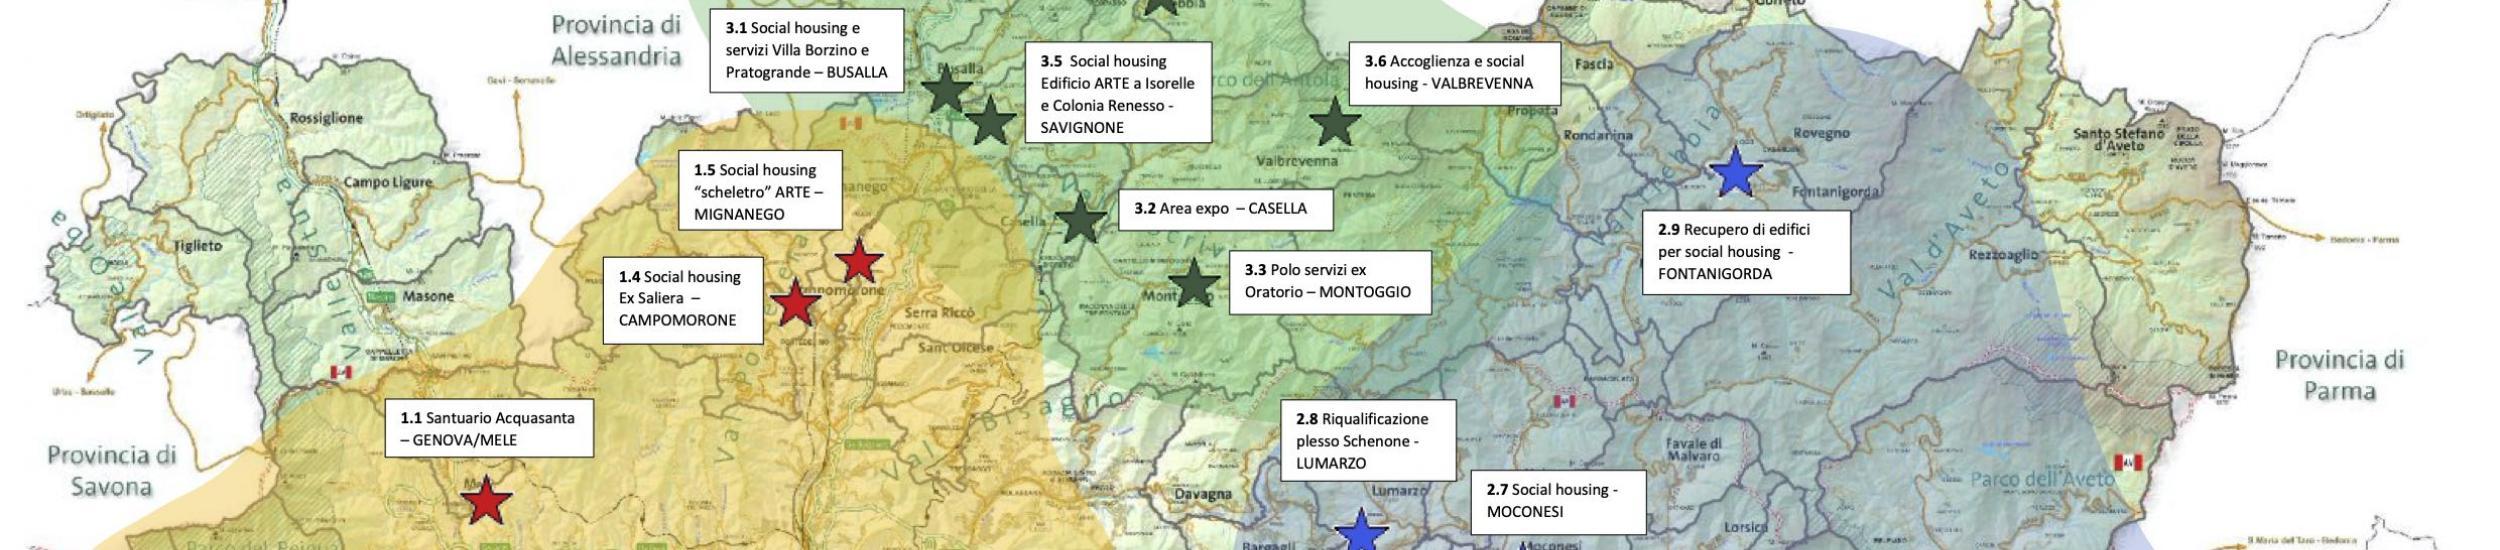 La mappa degli interventi previsti